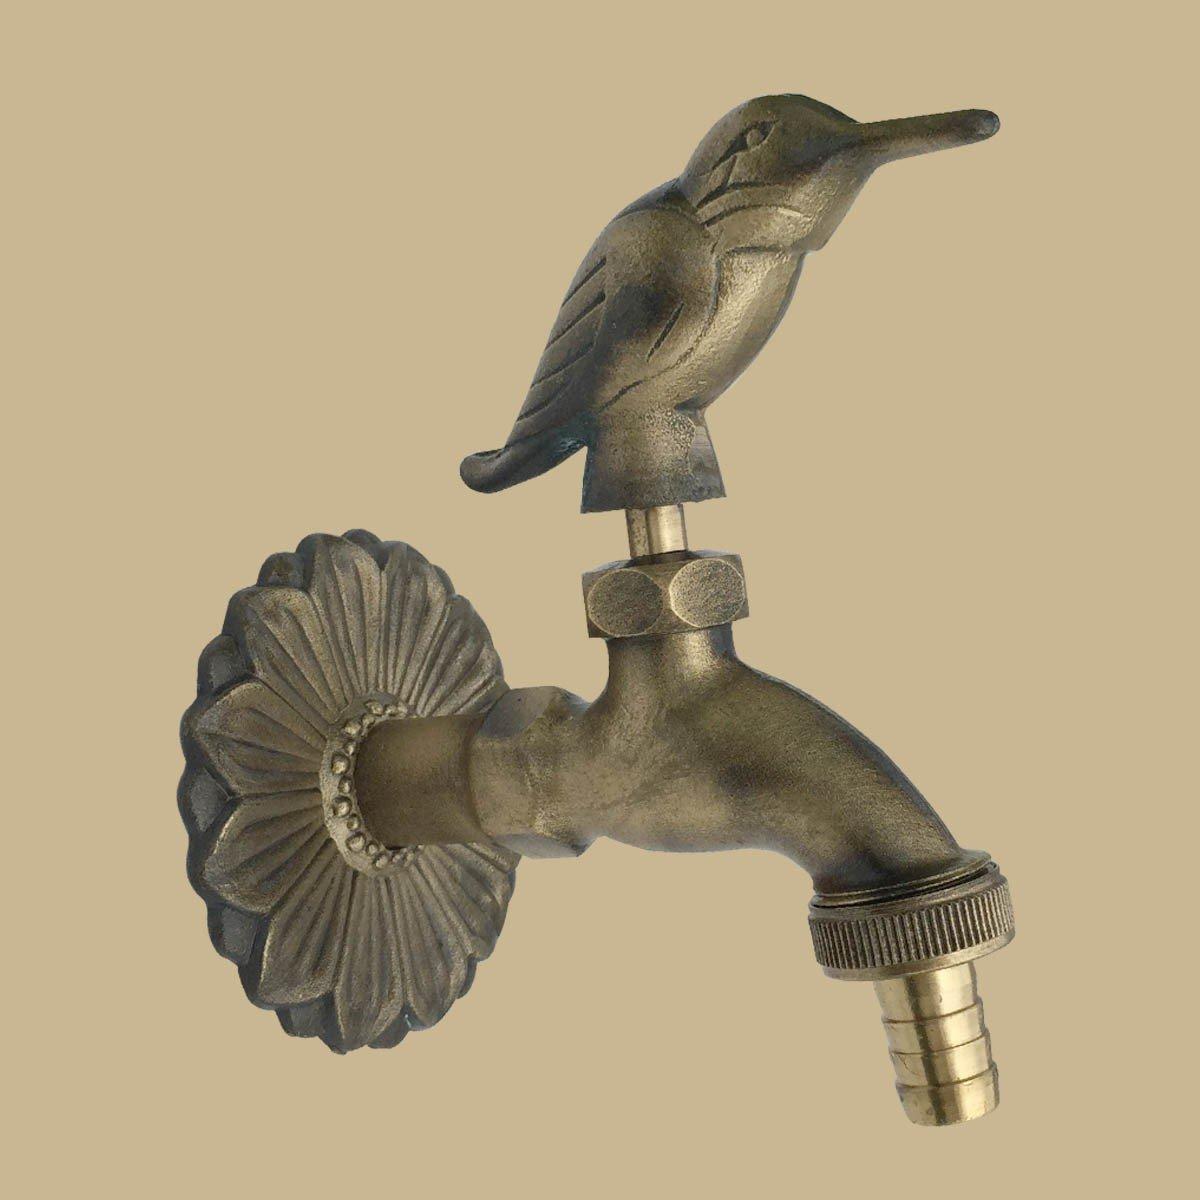 Outdoor Faucet Bird Spigot Garden Tap Antique Brass   Renovators Supply 1